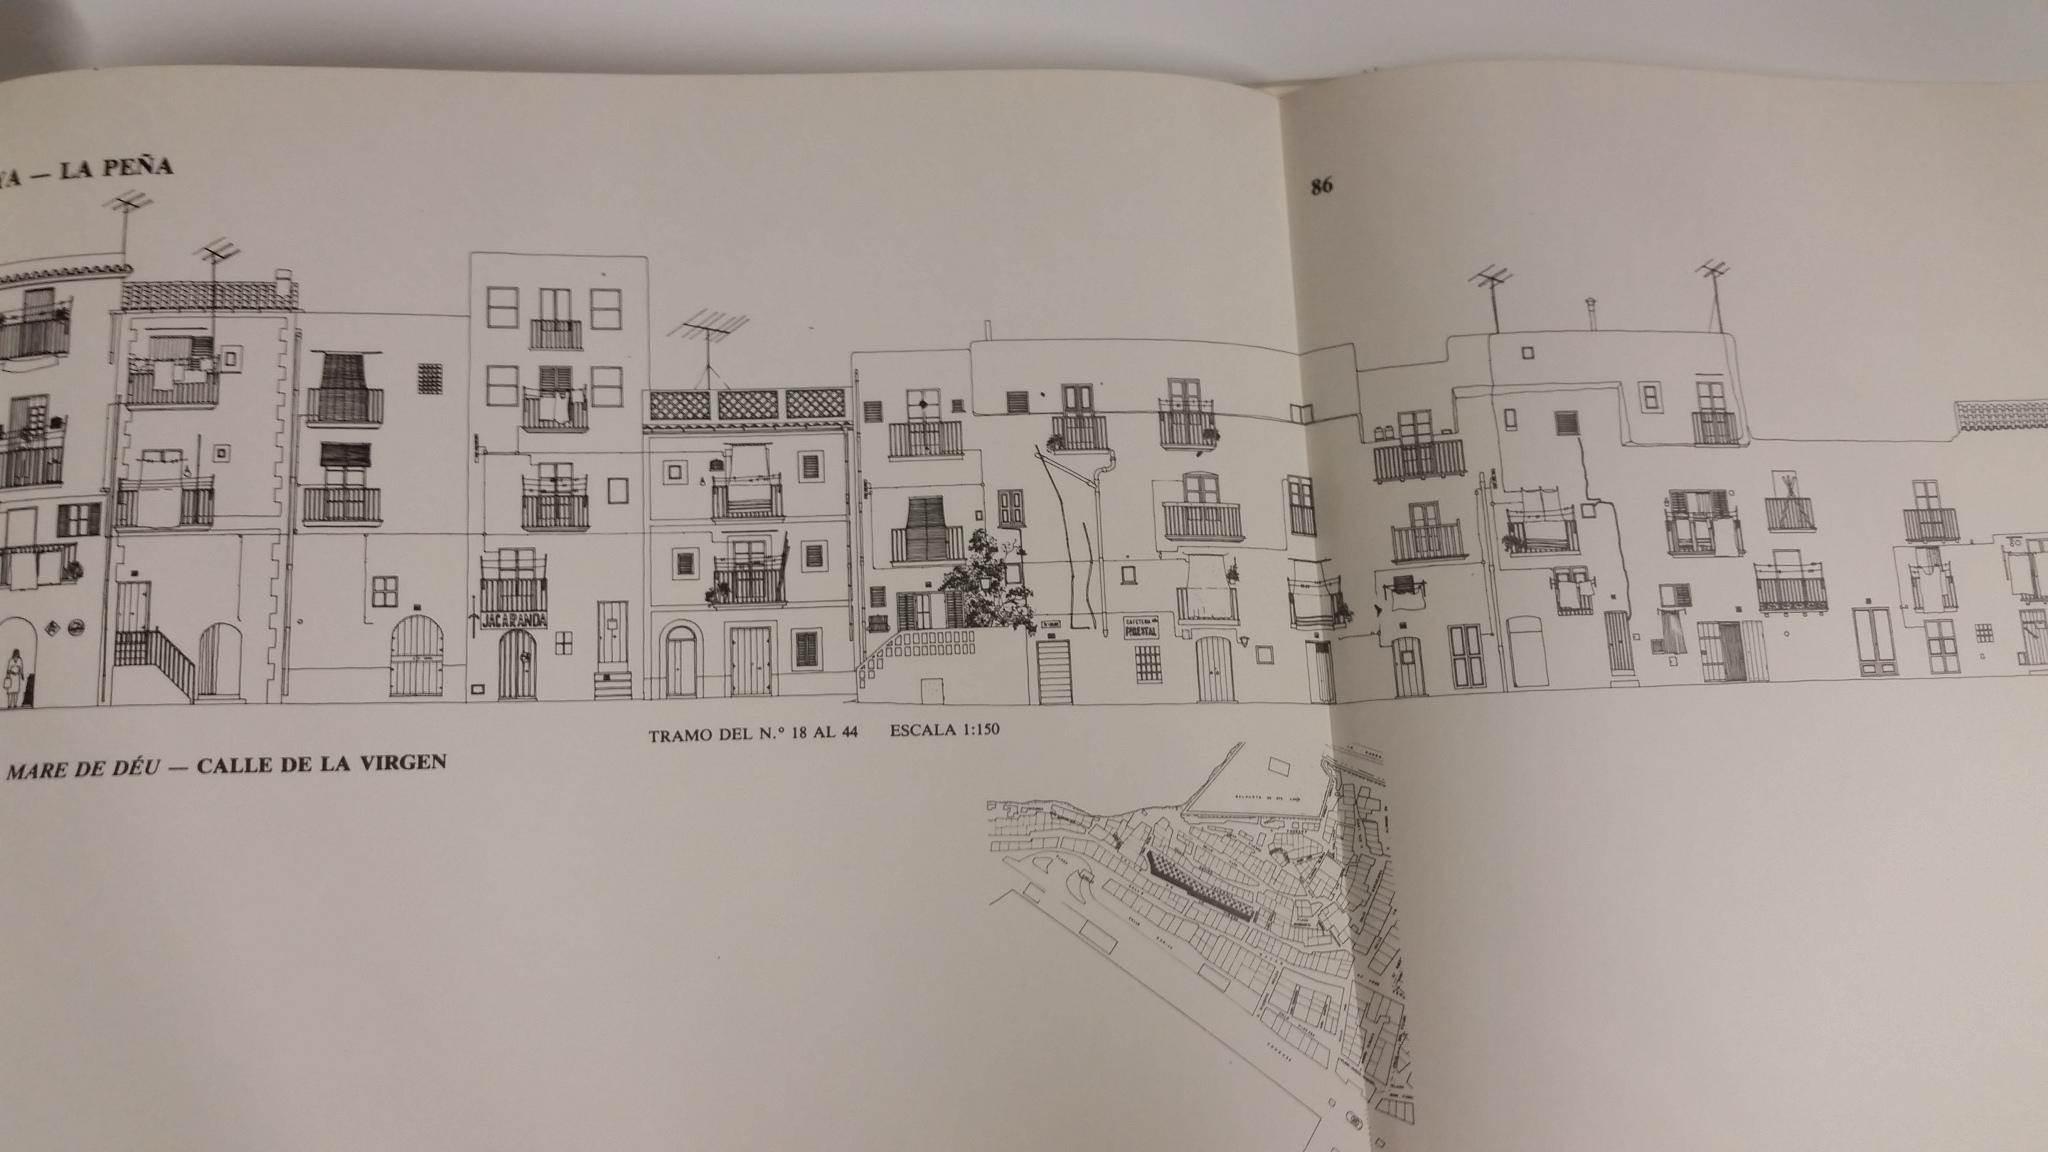 Interior de uno de los libros de Luis Cervera Miralles sobre las planimetrías de Dalt